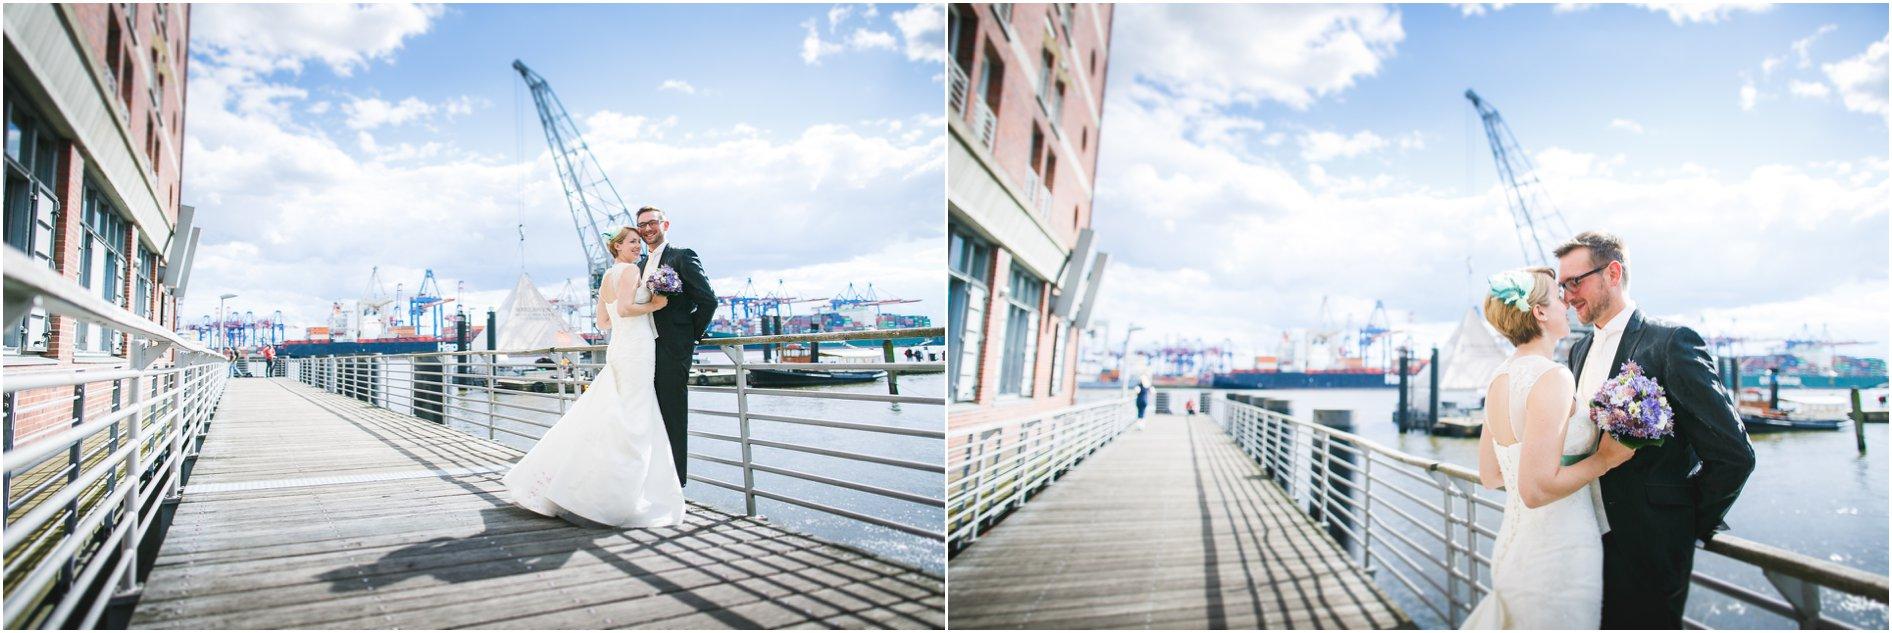 2014-07-16_0305 Über die Elbe mit Sarah & Benny